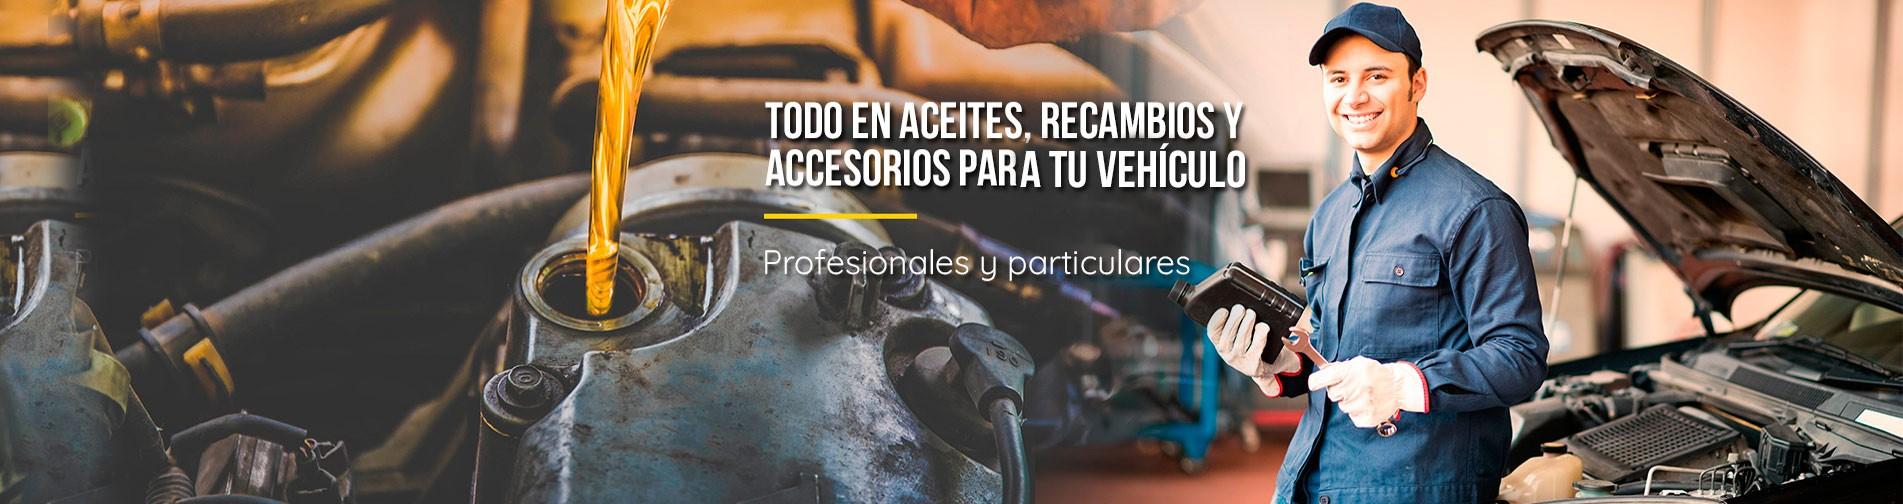 Todo en aceites, recambios y accesorios para su vehículo